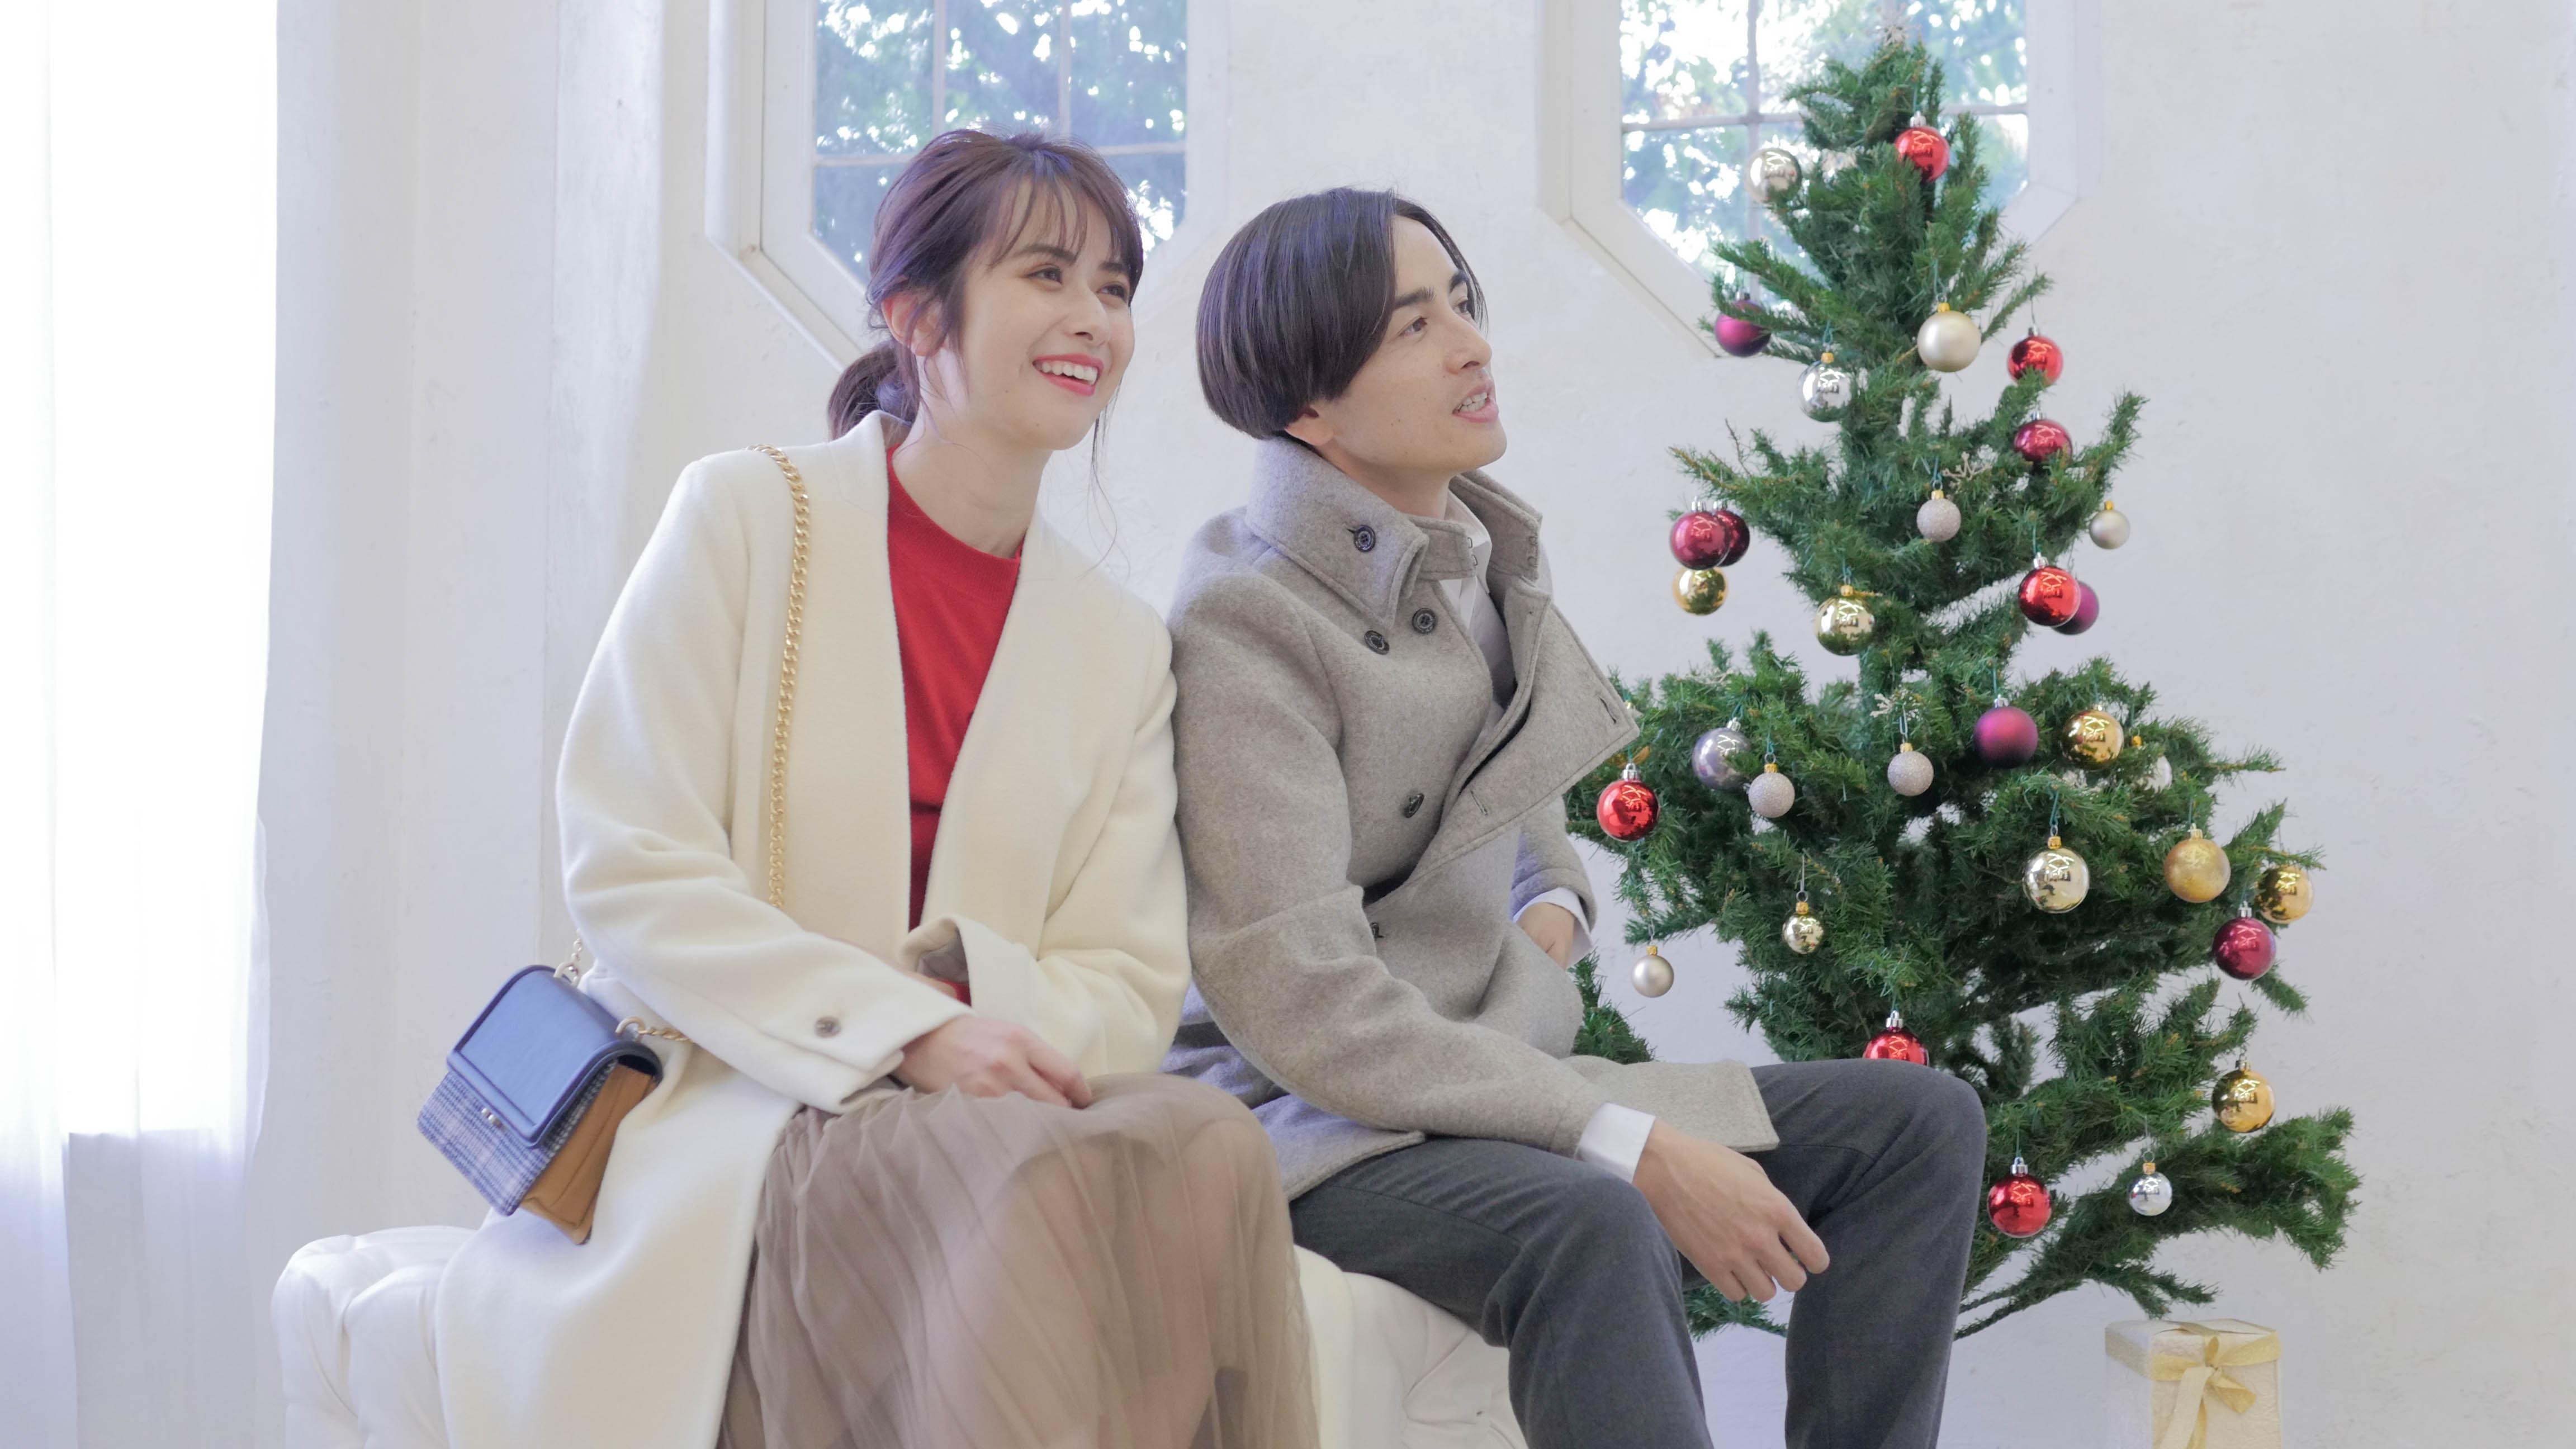 寒い冬にもHOTなクリスマスカップルコーデ